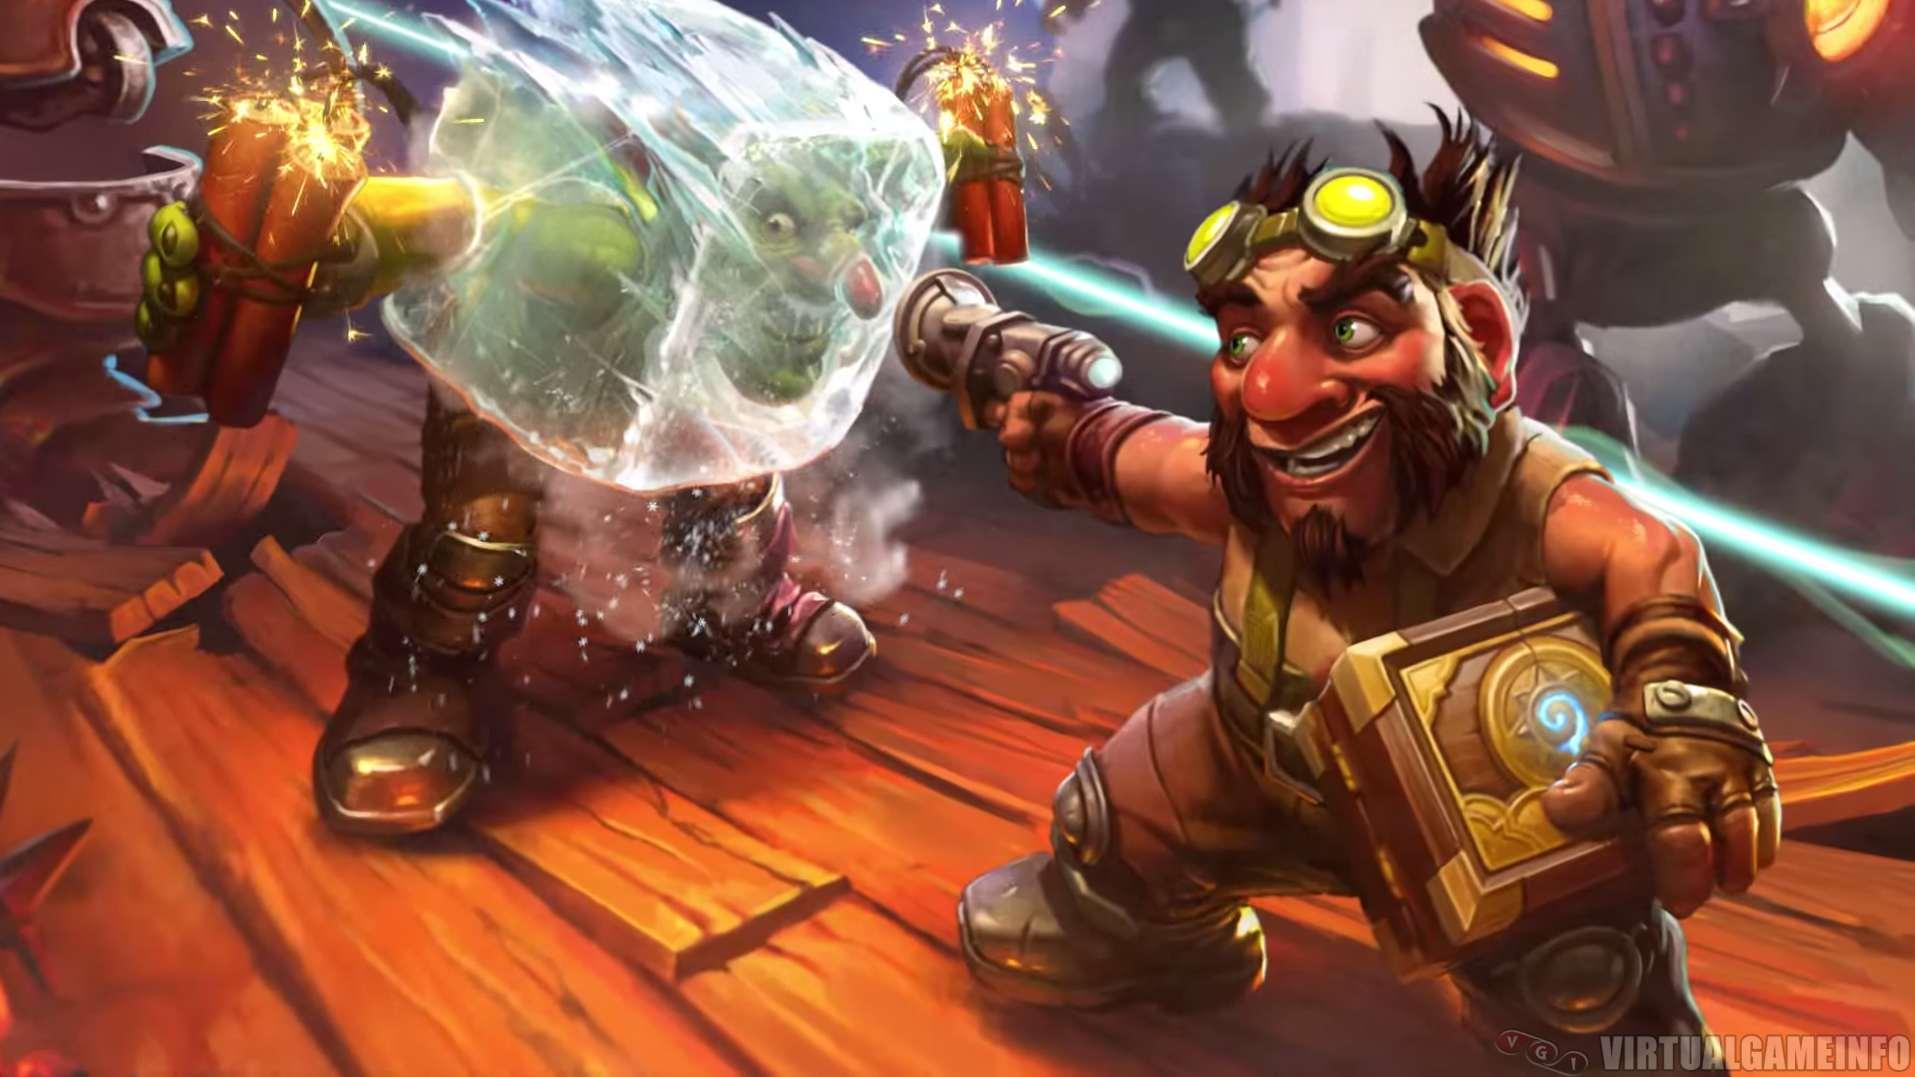 Blizzard сообщила, что в следующем месяце выйдет дополнение к коллекционной карточной игре Hearthstone: Heroes of Warcraft — Goblins vs. Gnomes из 120 новых карт